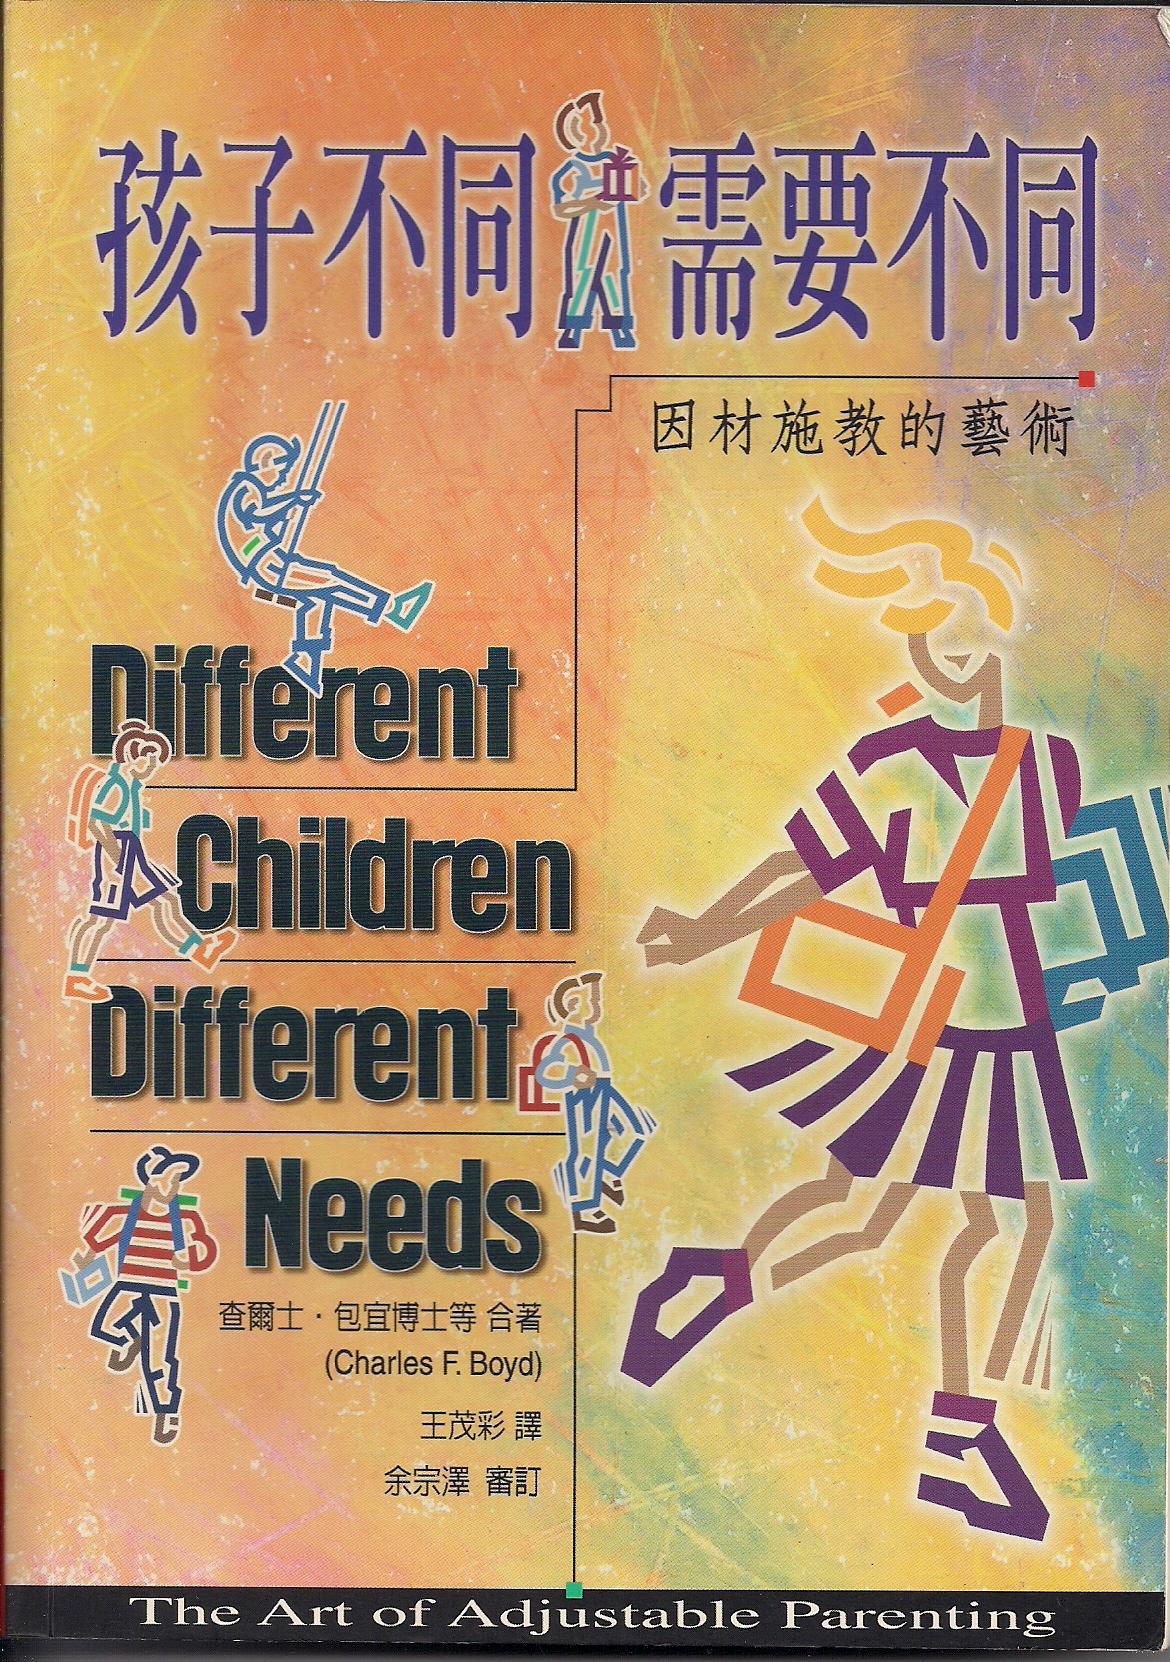 孩子不同需要不同